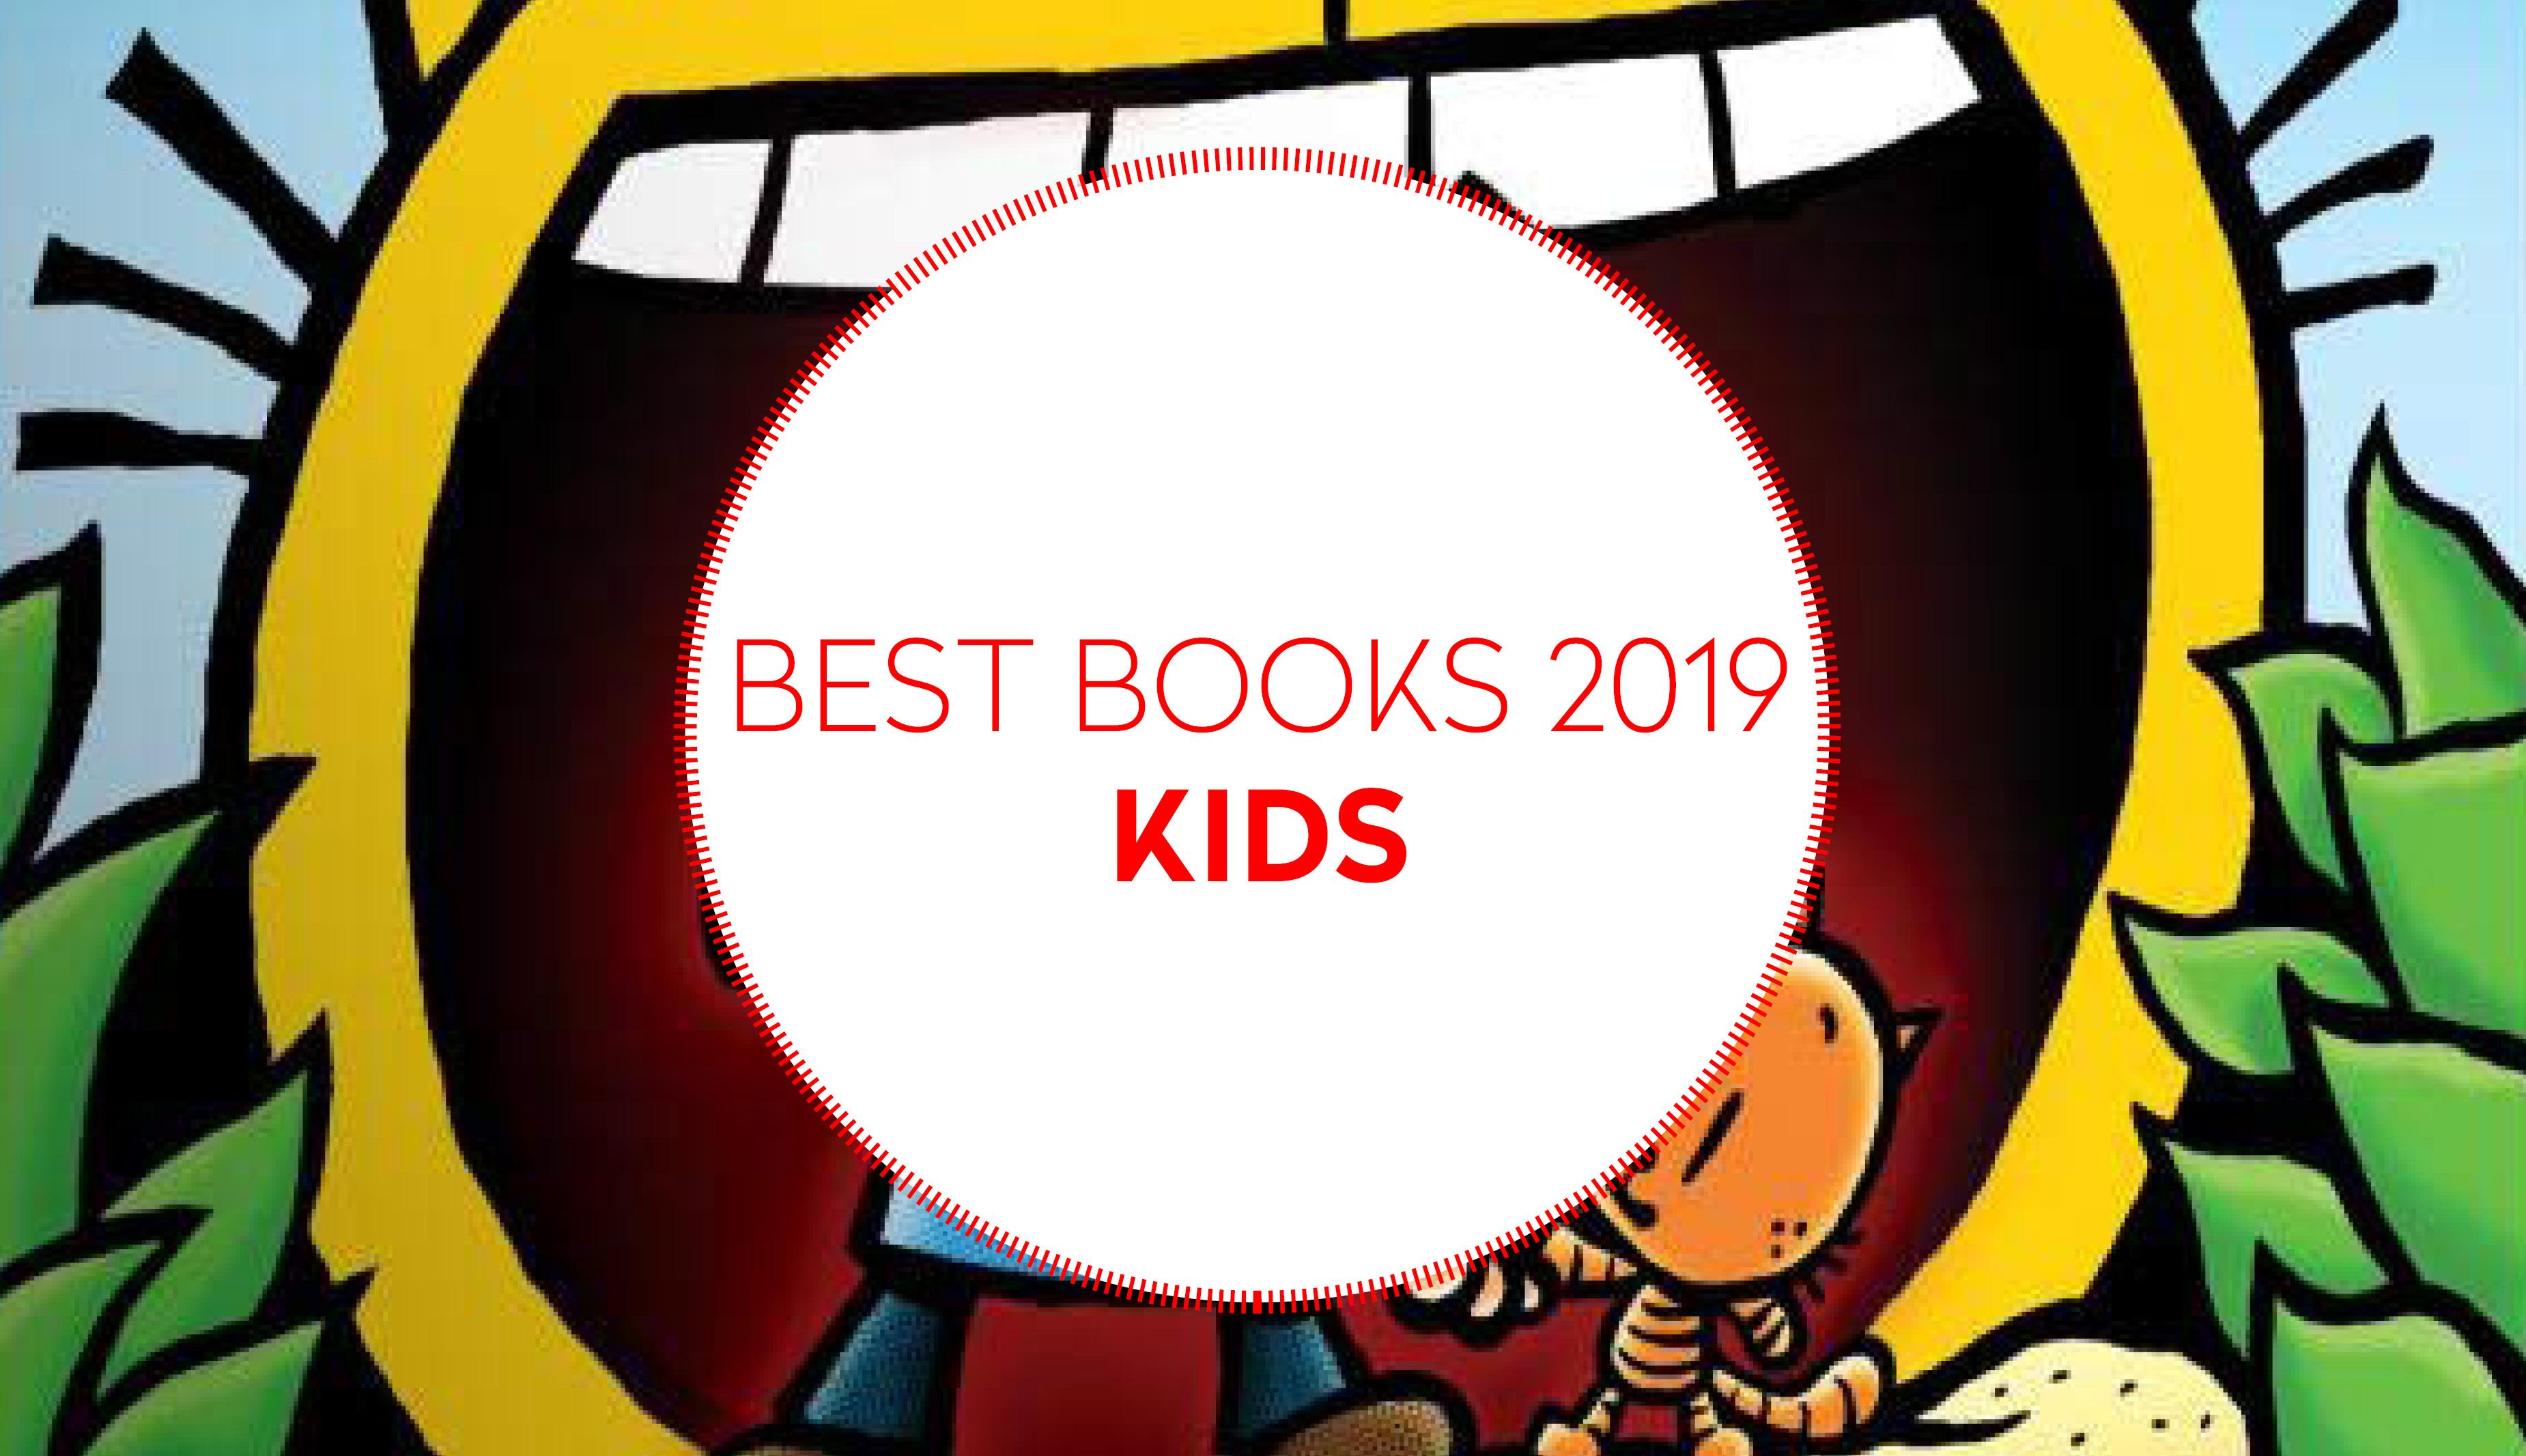 BEST BOOKS 2019 – Kids